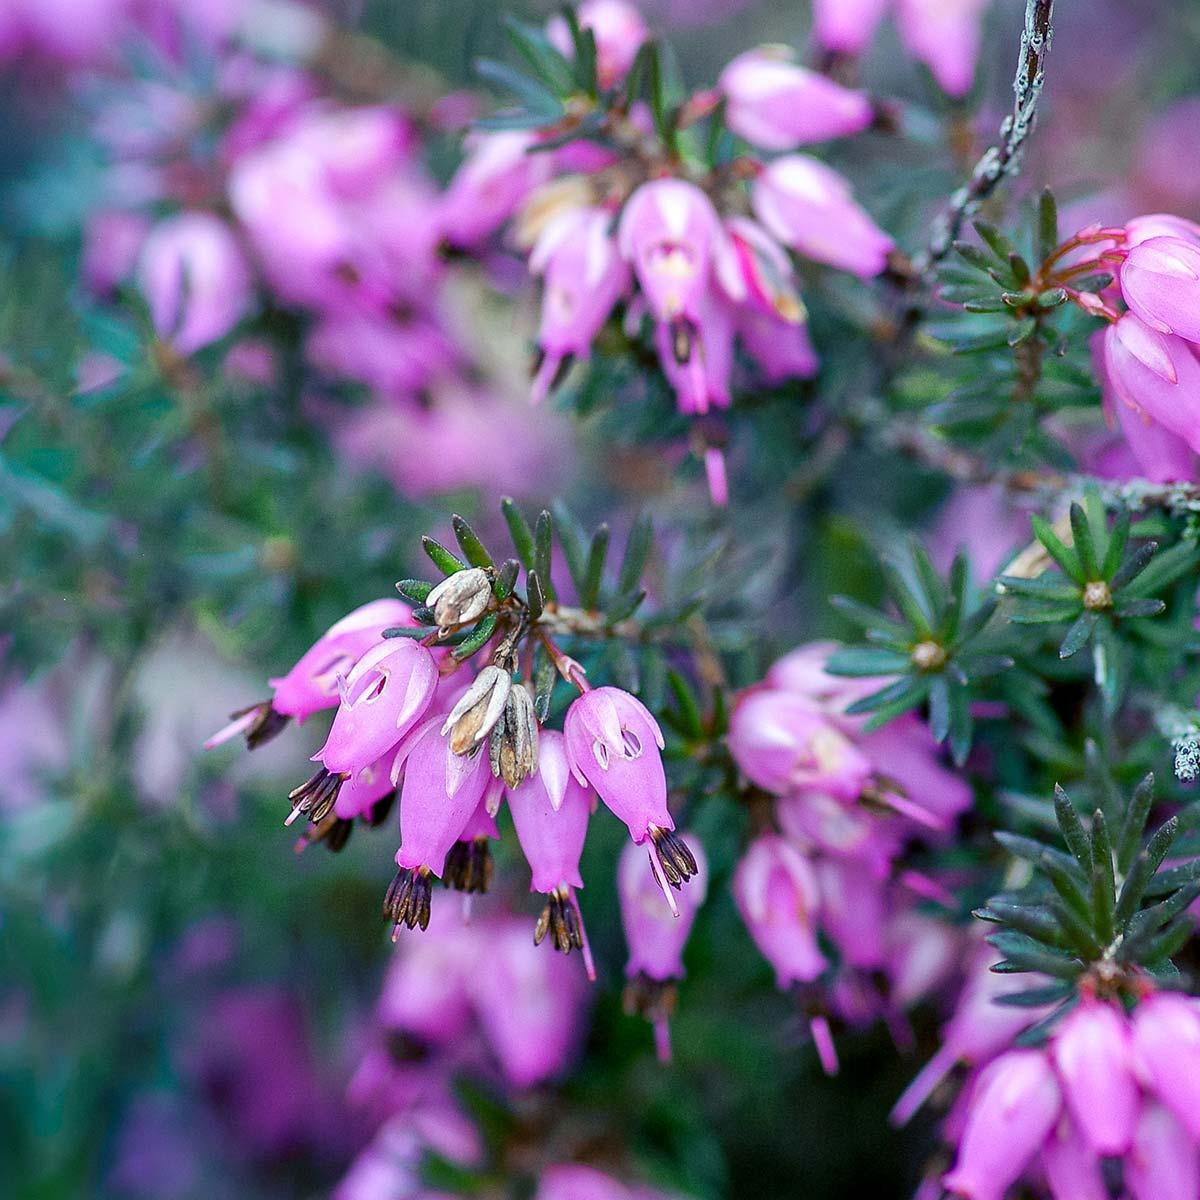 Arbusto decorativo - Brezo